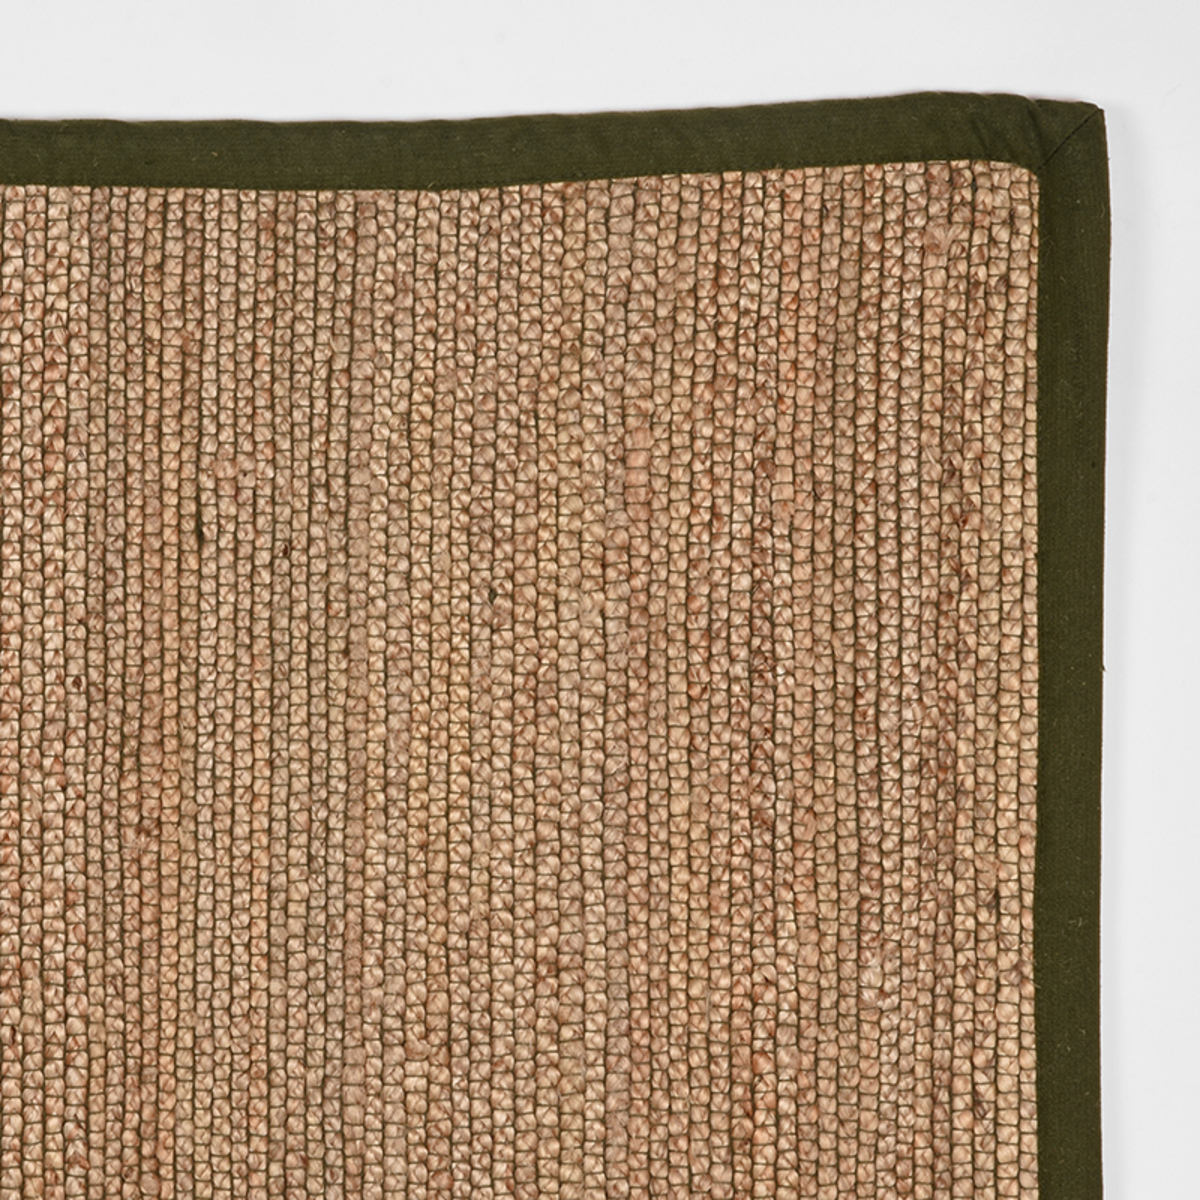 Vloerkleed Jute - Army green - Jute - 160x230 Cm